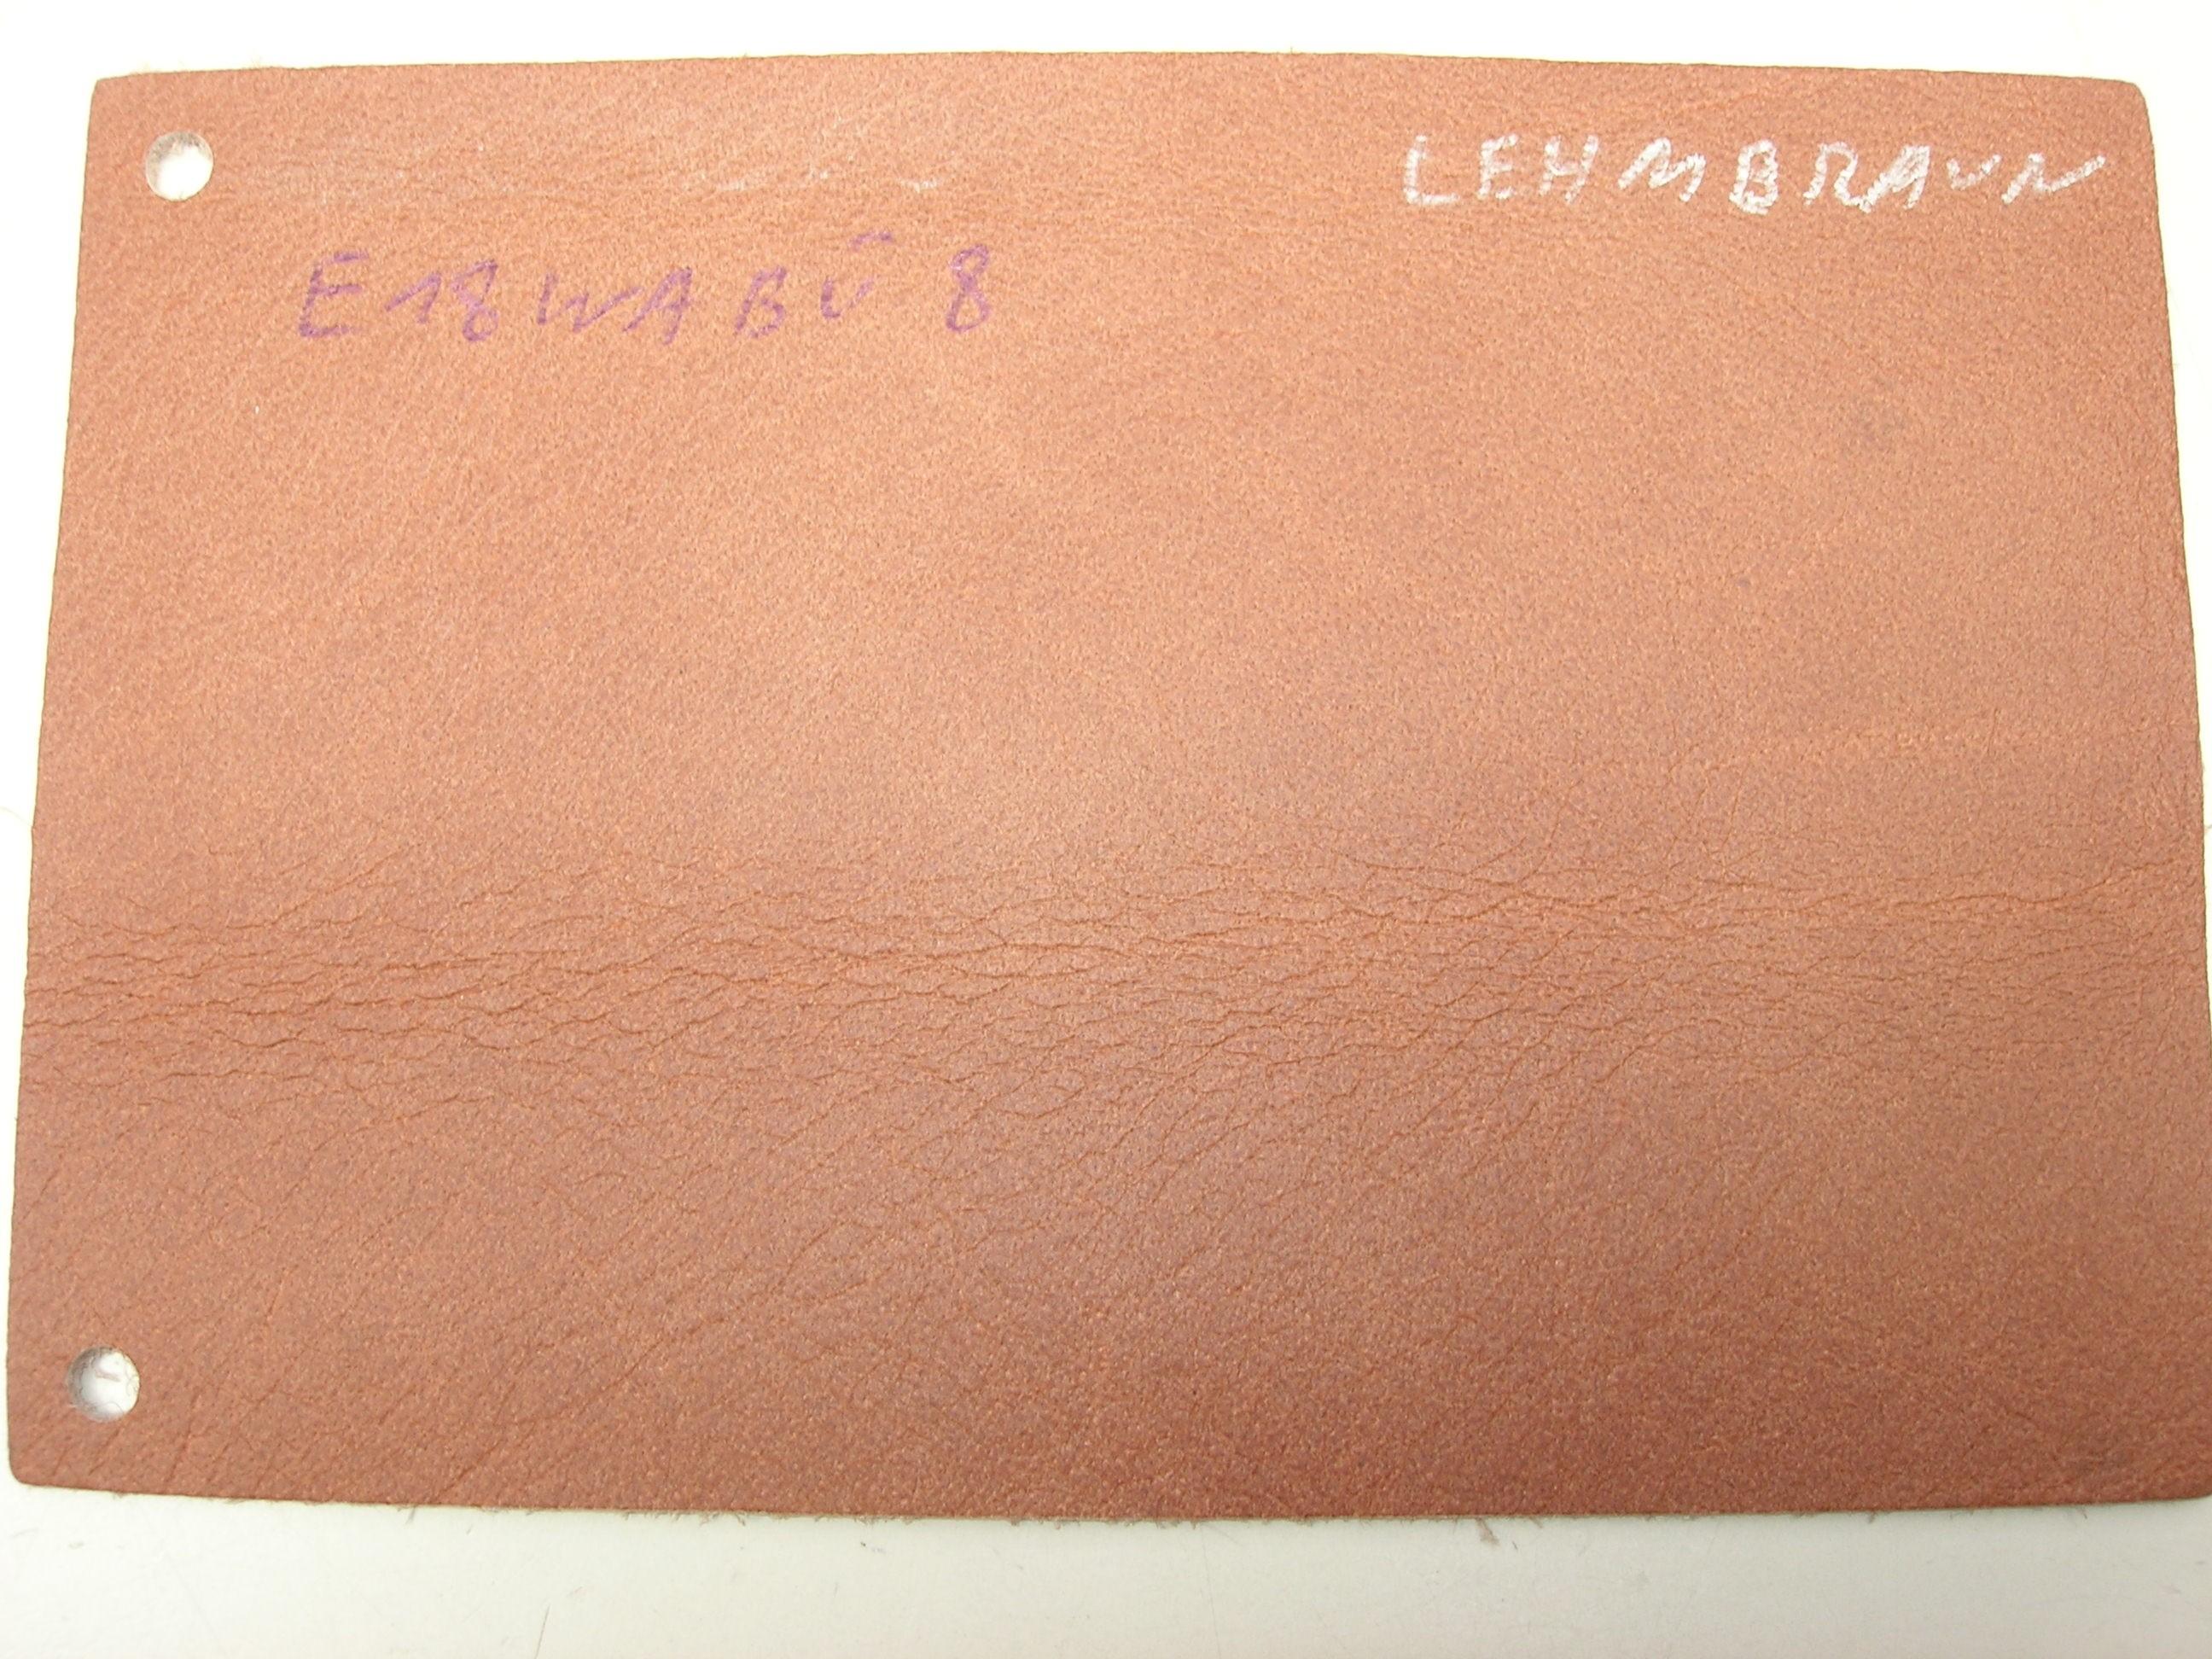 Wasserbüffel lehmbraun (E18WABÜ8)